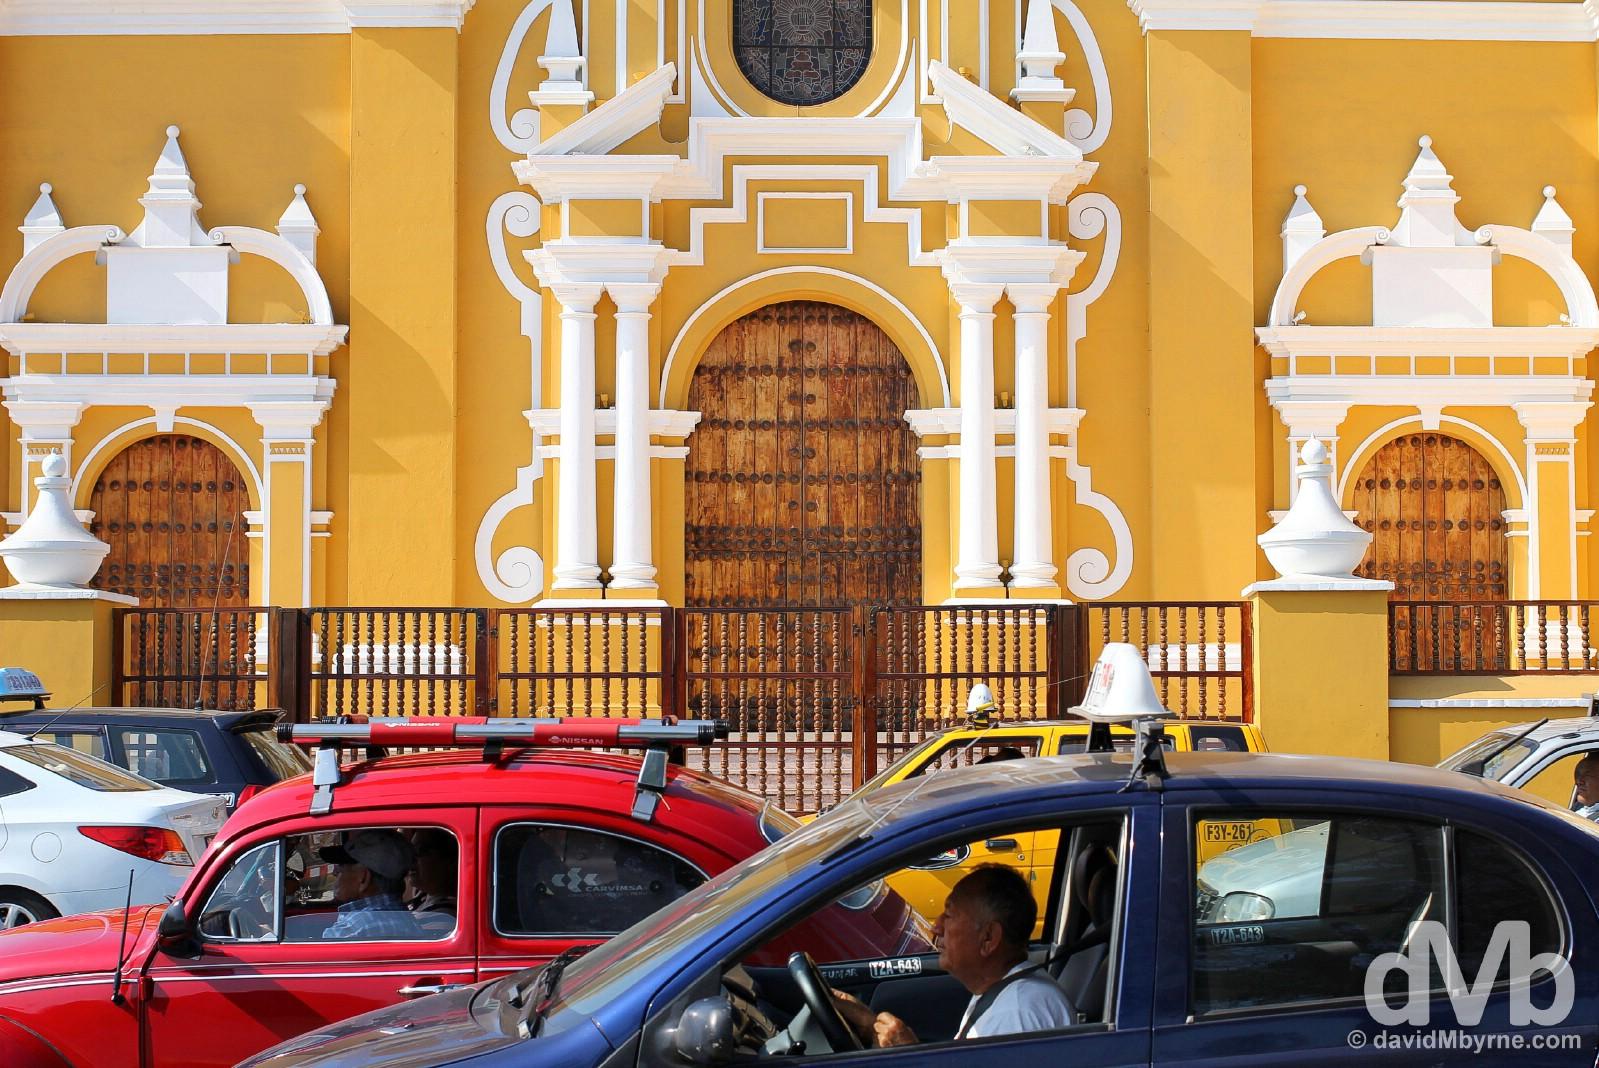 Traffic outside La Catedral on Plaza Mayor, Trujillo, northern Peru. July 31, 2015.